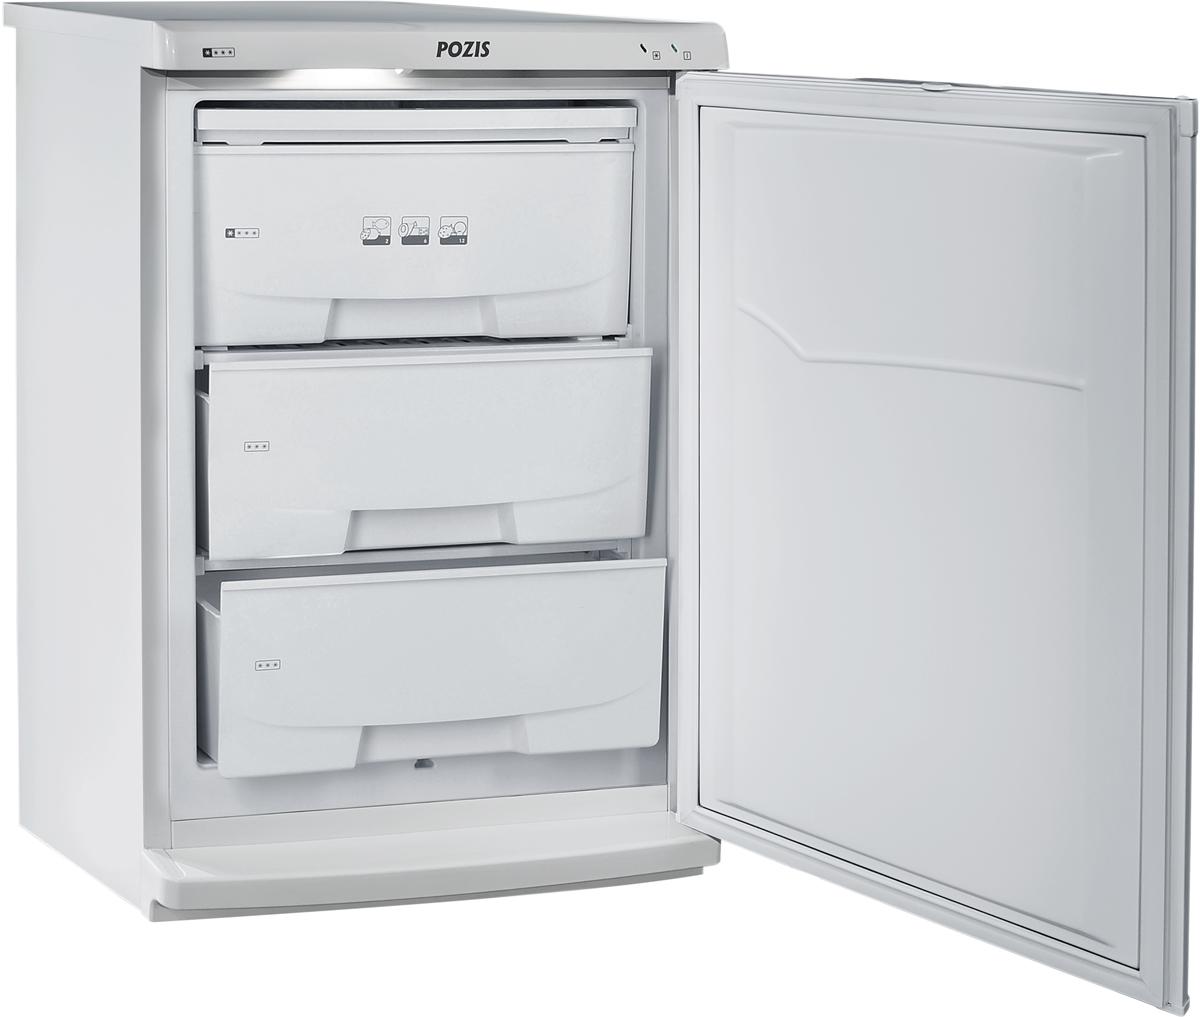 PozisСВИЯГА-109-2, White морозильник Pozis